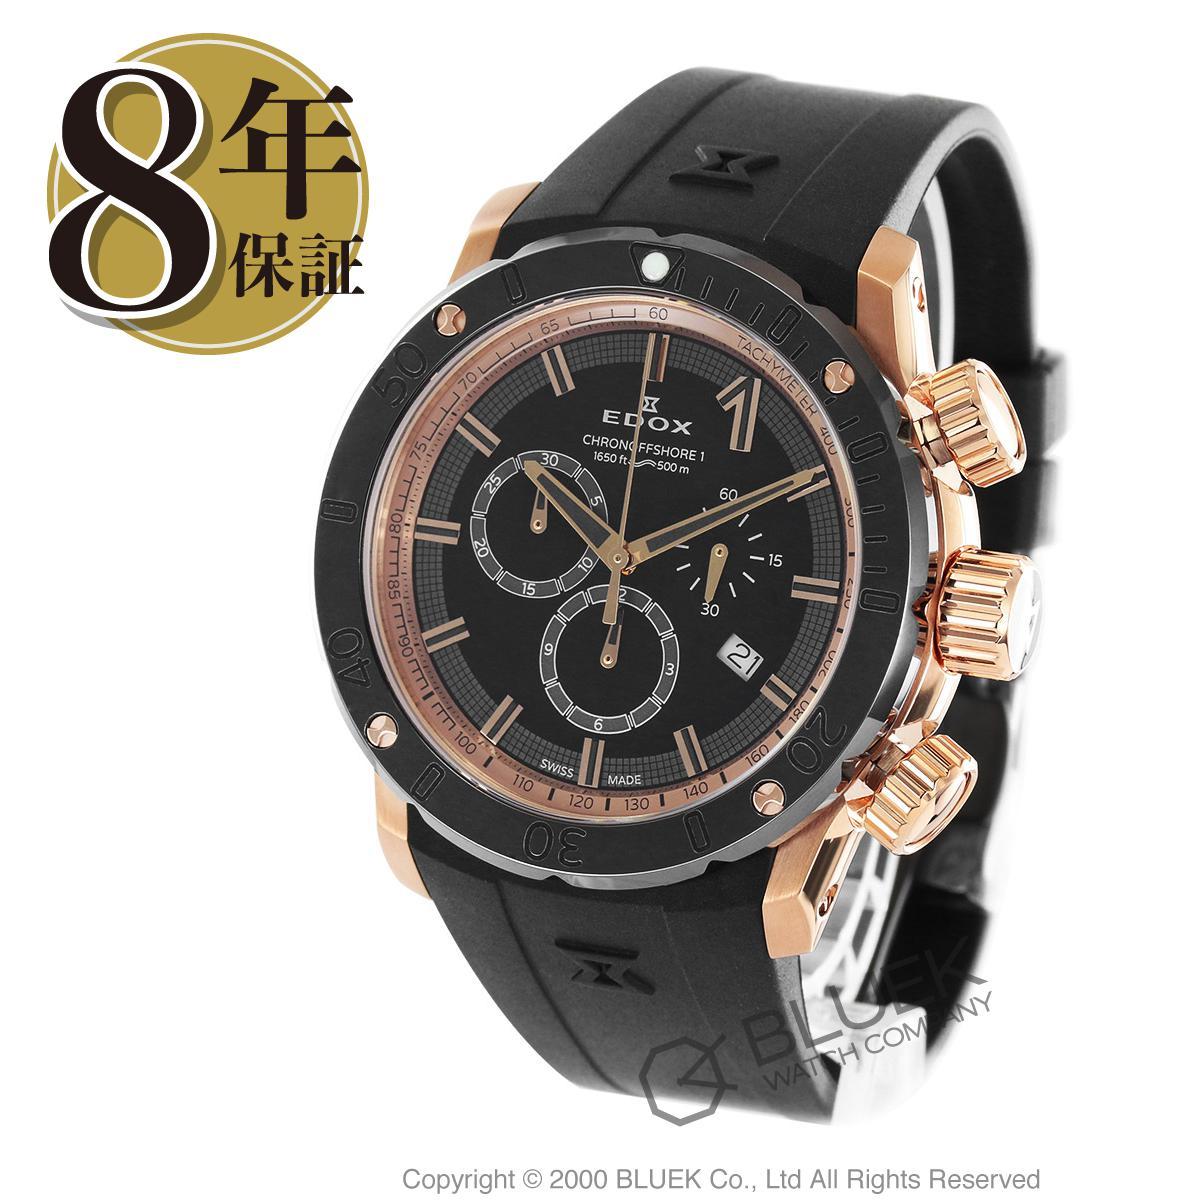 エドックス クロノオフショア1 クロノグラフ 500m防水 腕時計 メンズ EDOX 10221-37R-NIR_8